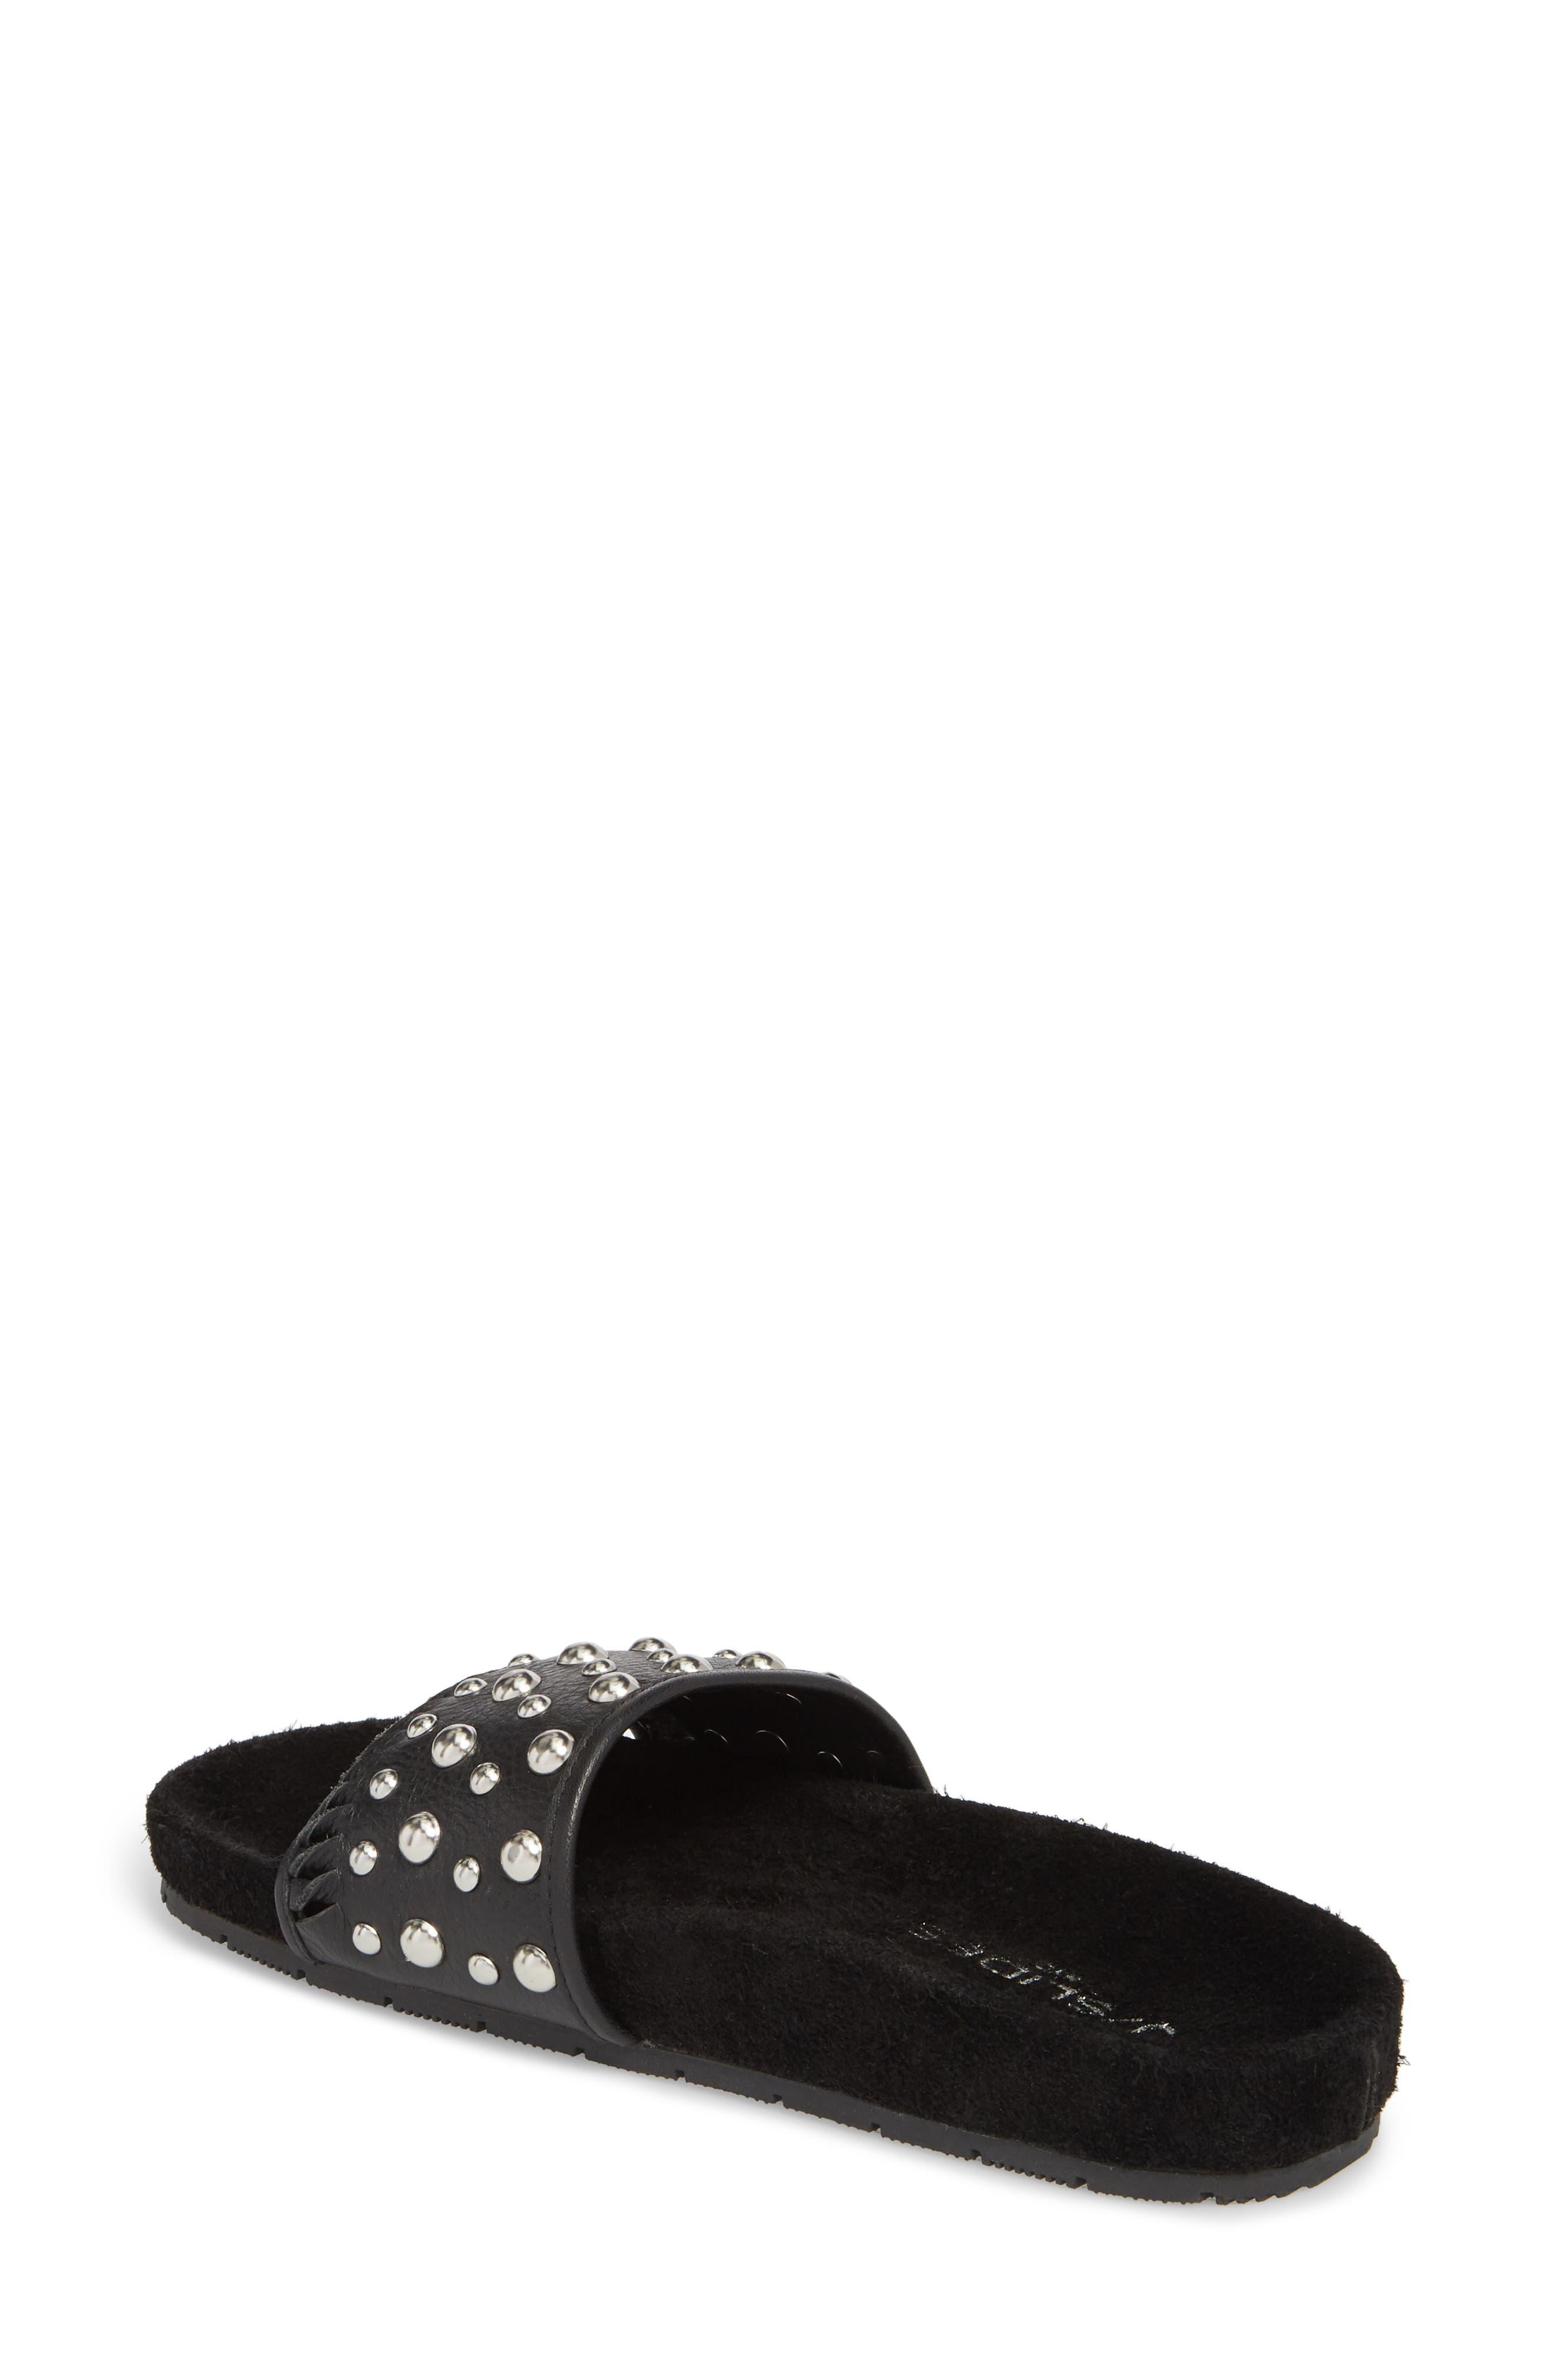 Nora Studded Slide Sandal,                             Alternate thumbnail 2, color,                             BLACK SUEDE